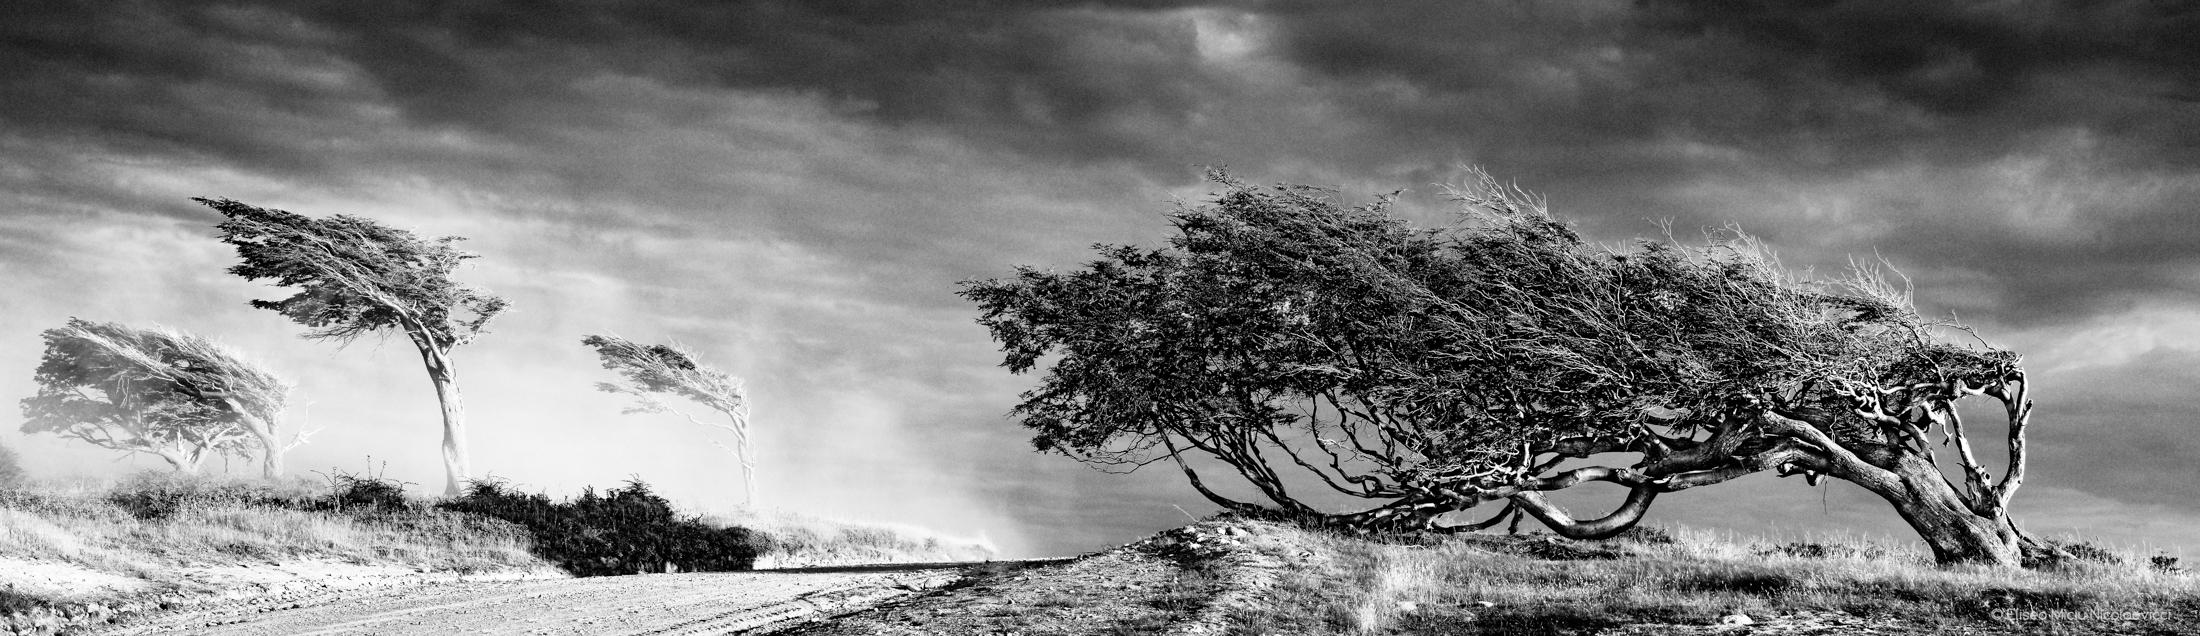 Grito al viento